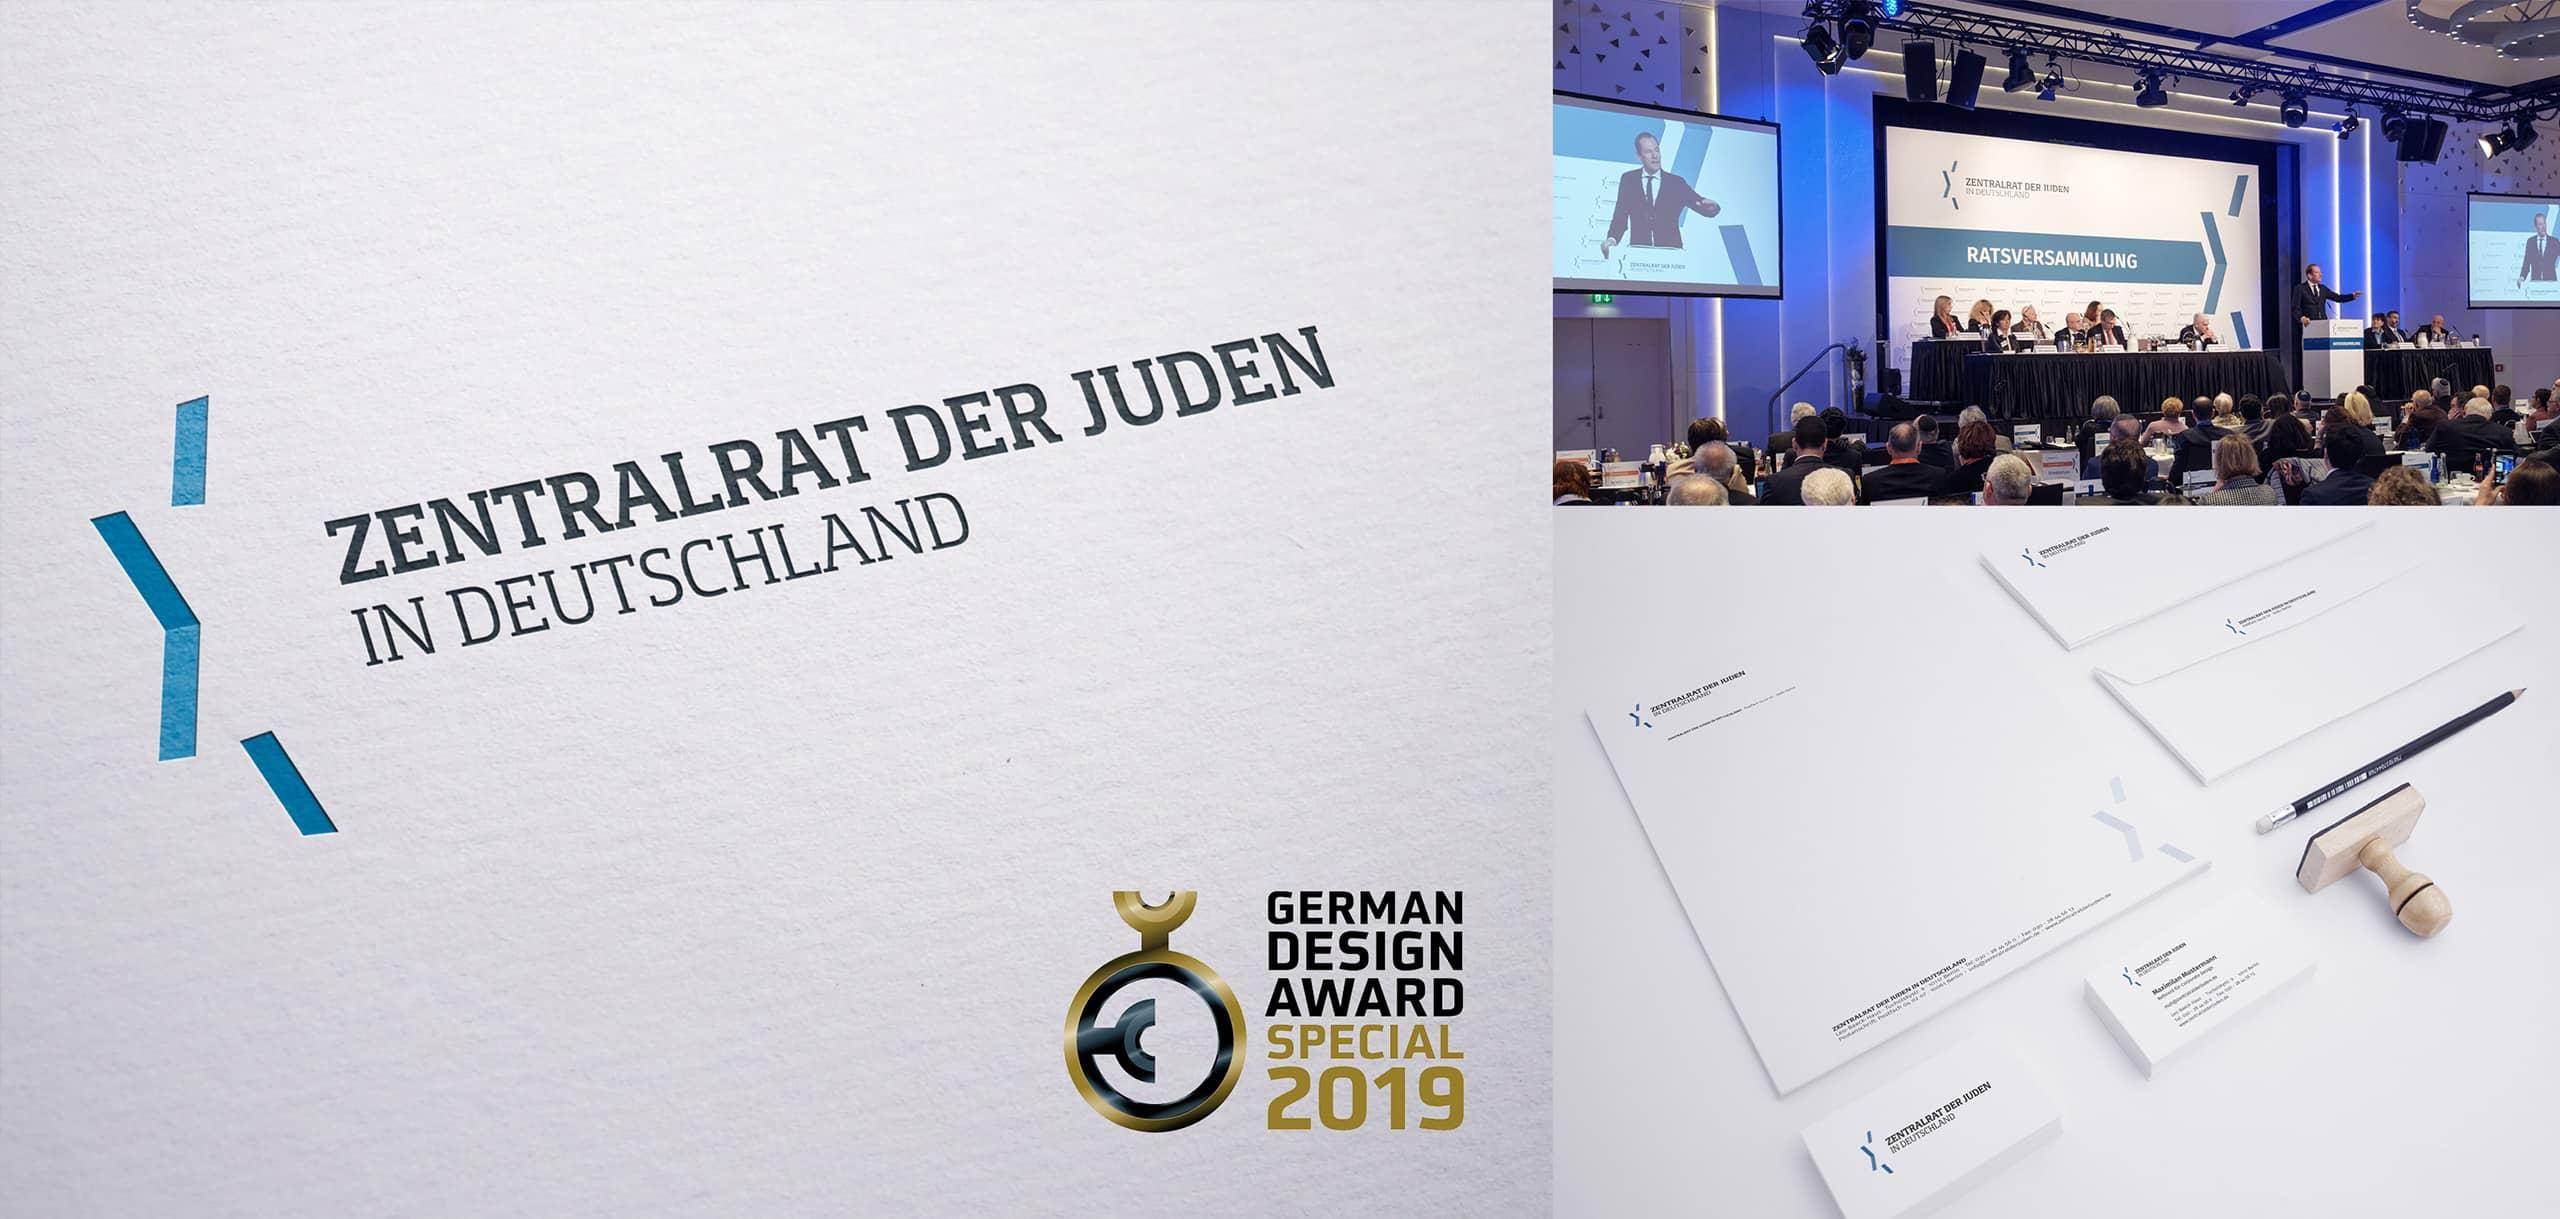 Zentralrat-der-Juden_Konzeption_Strategische-Beratung